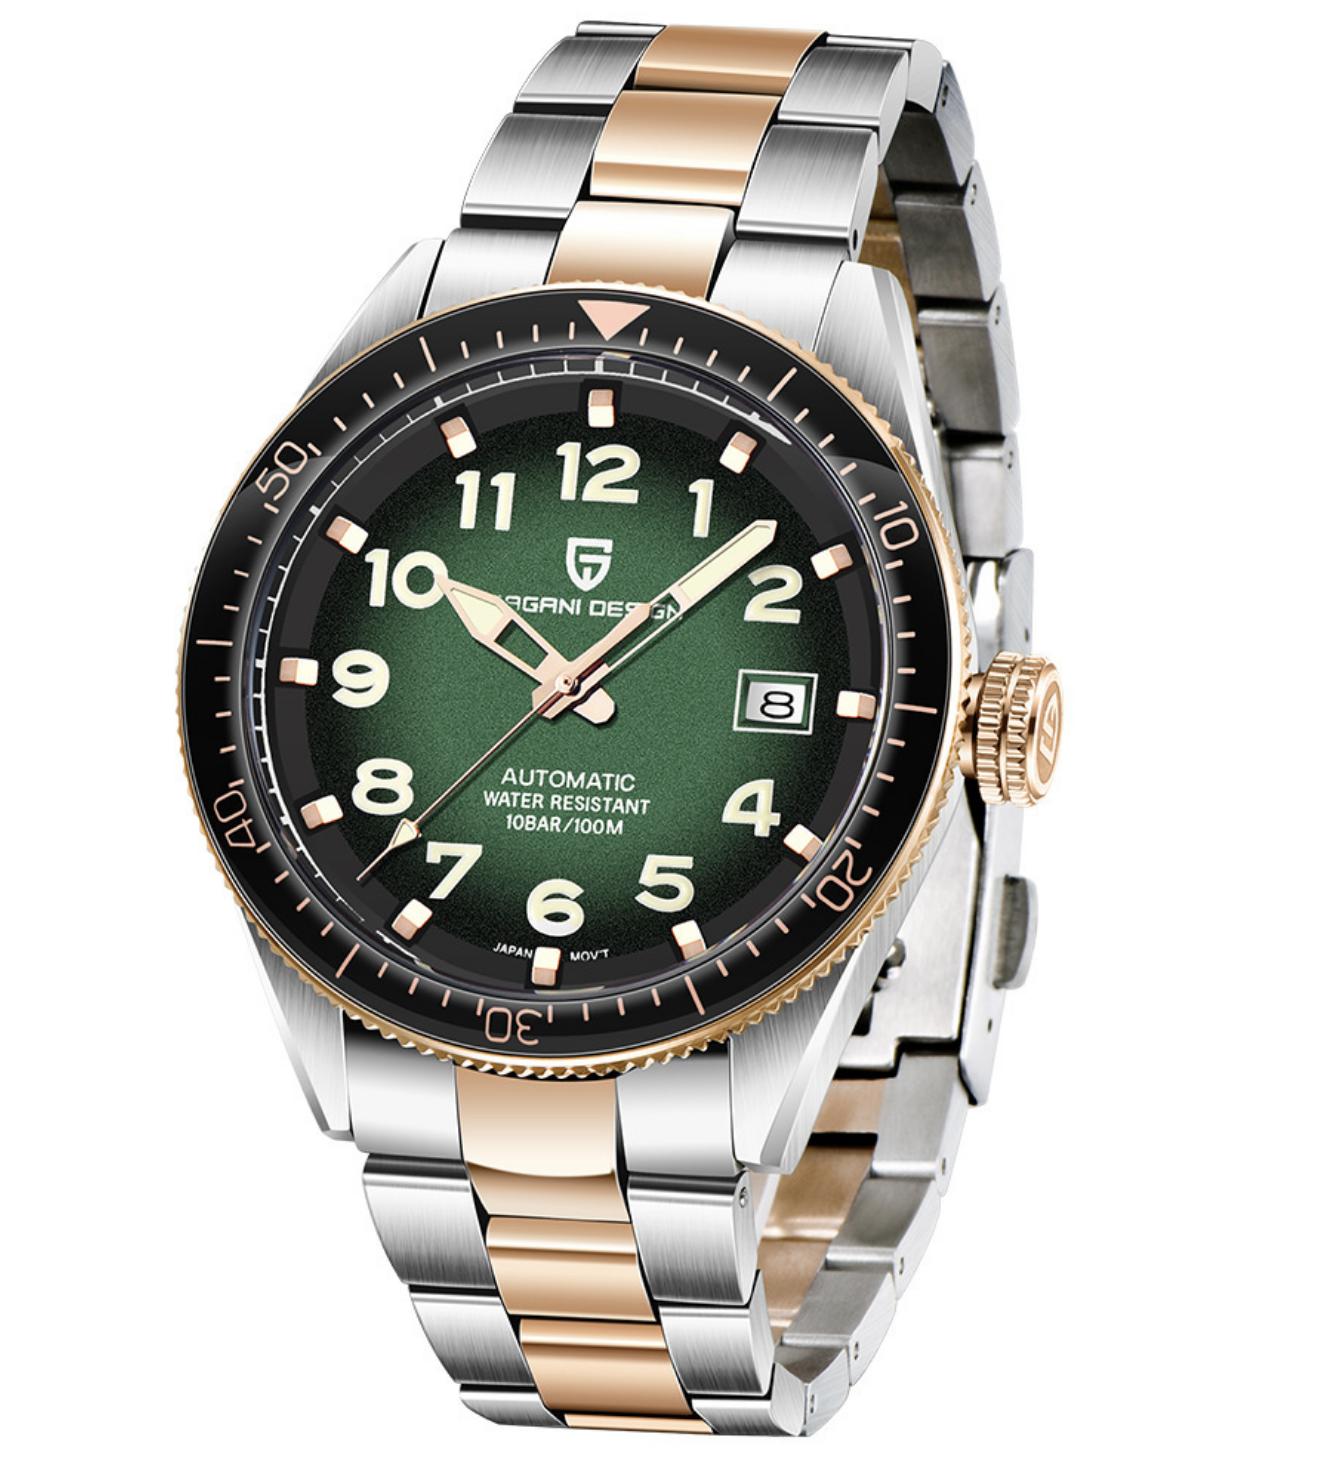 Reloj Automático Hombre Pagani Design pd1649 verde oro rosa correa acero